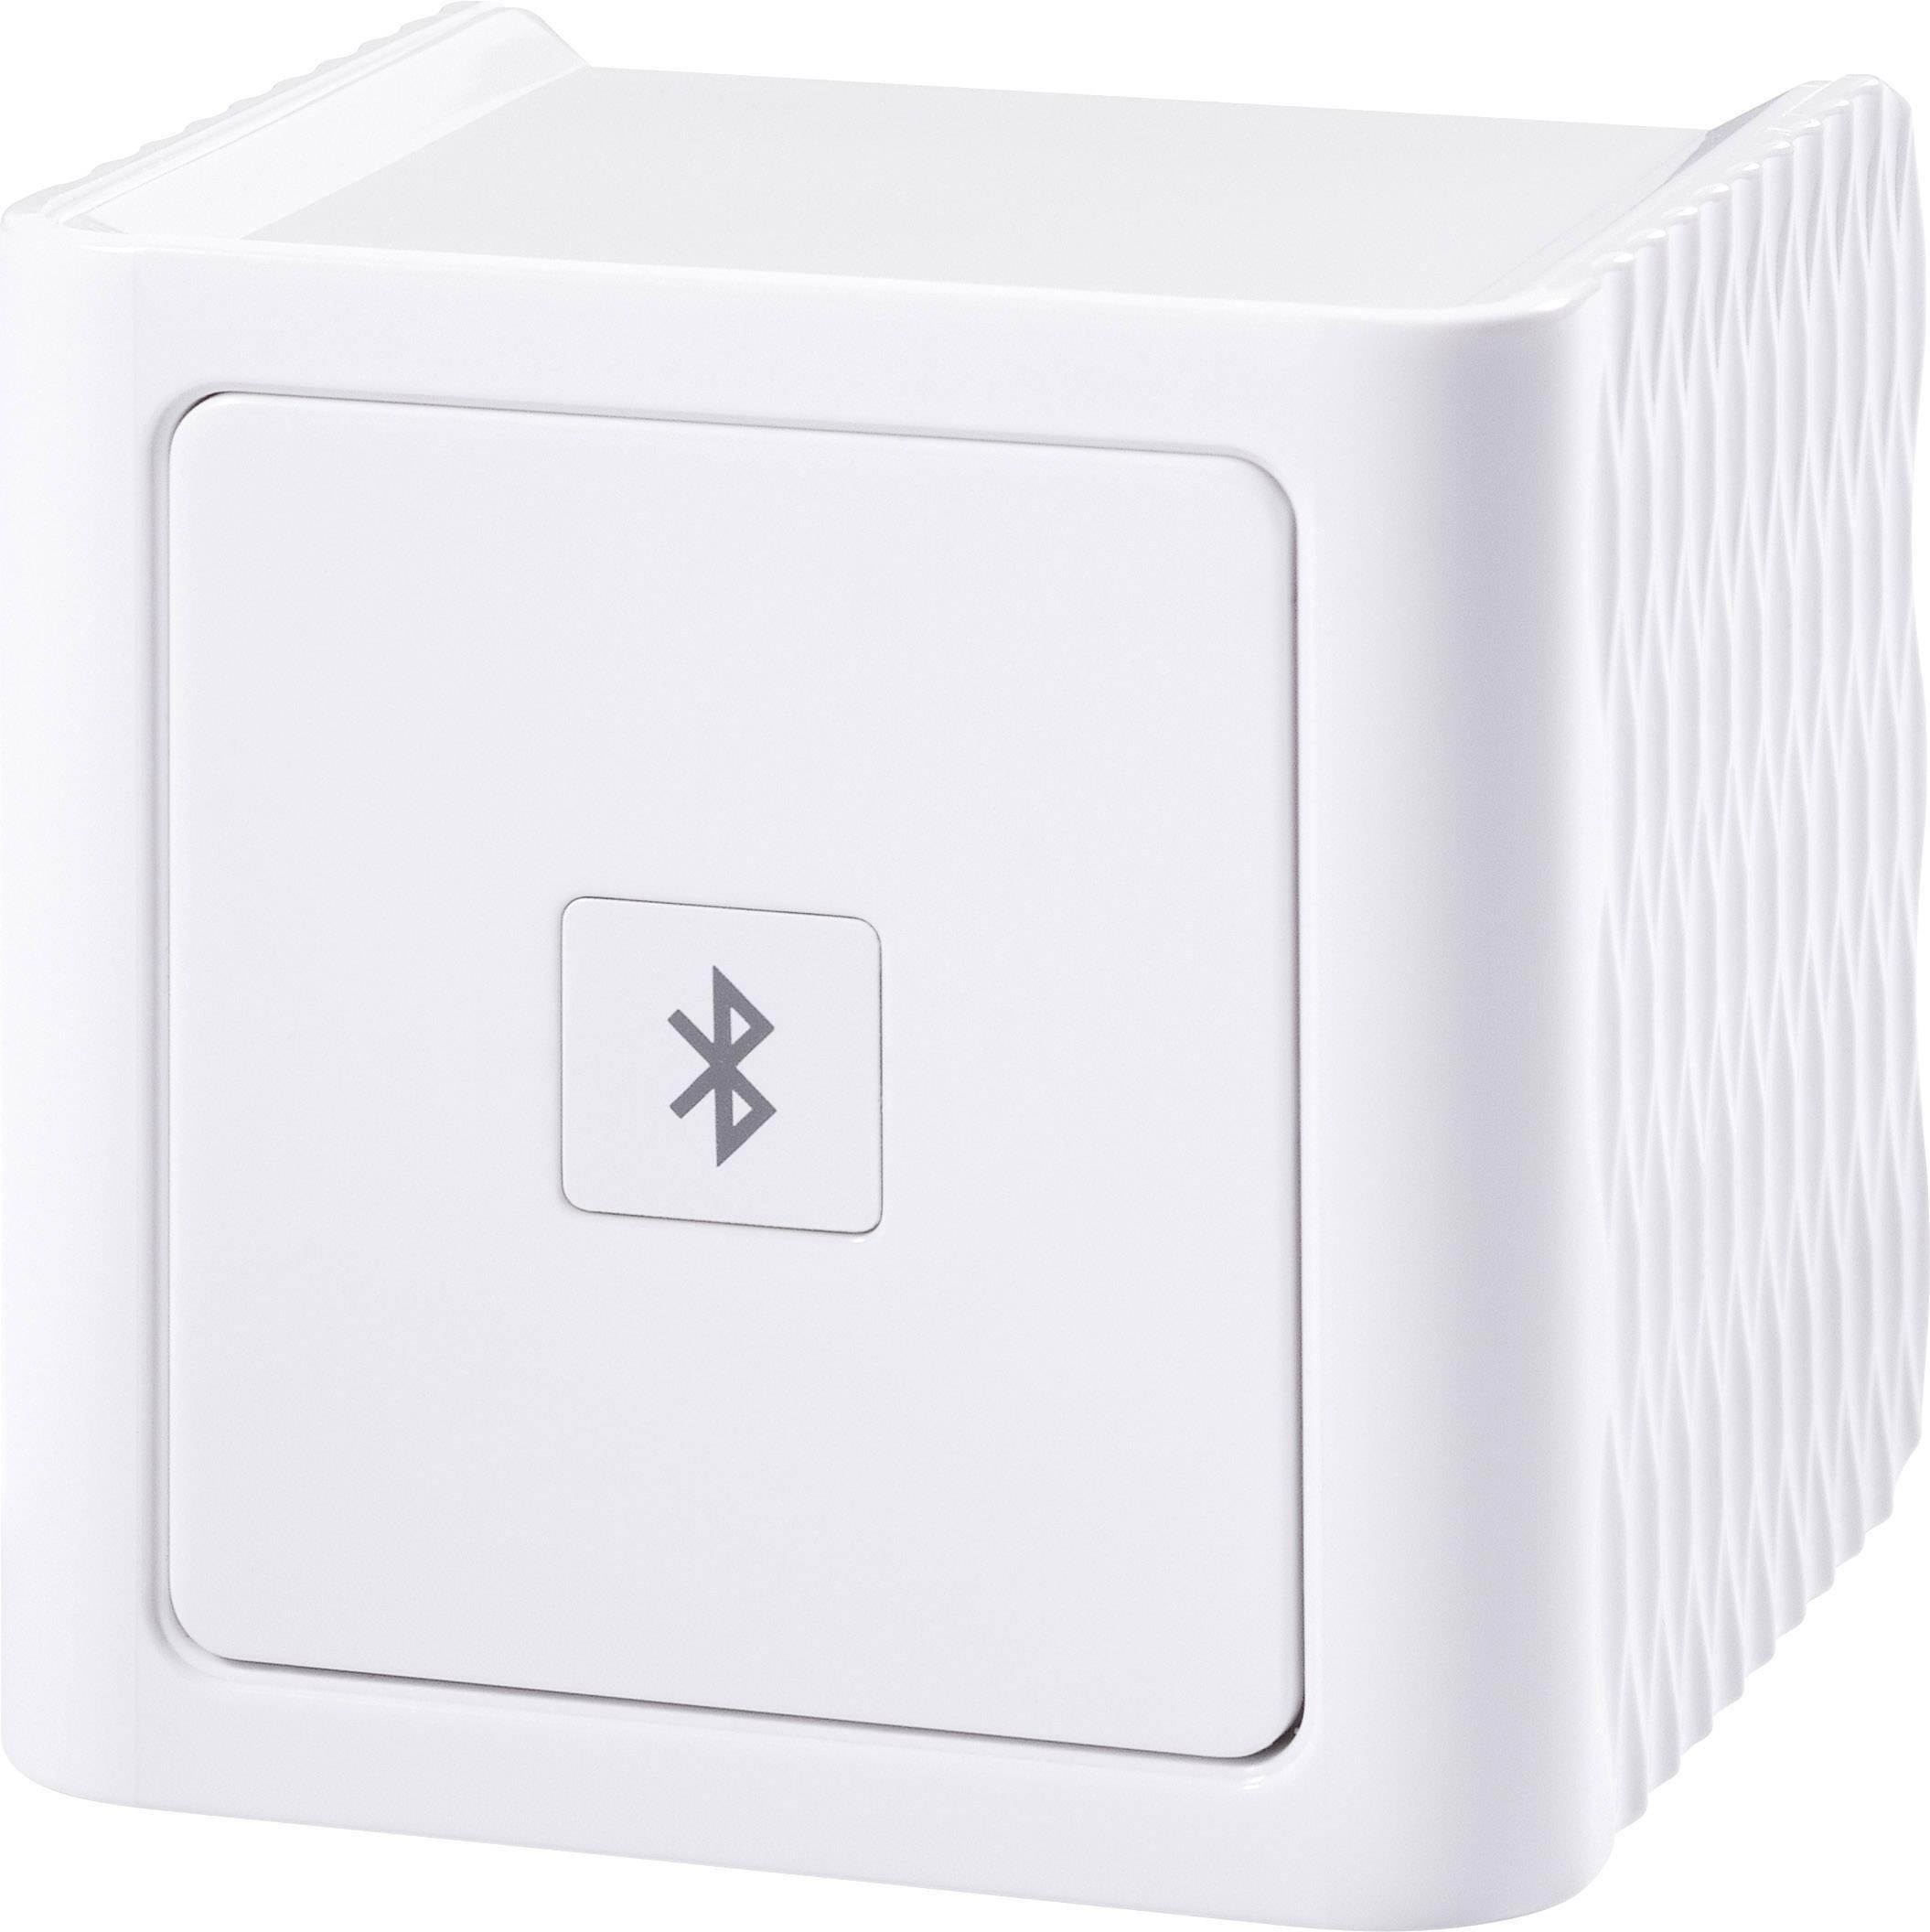 Bluetooth budík Renkforce A440 pro zařízení s iOS